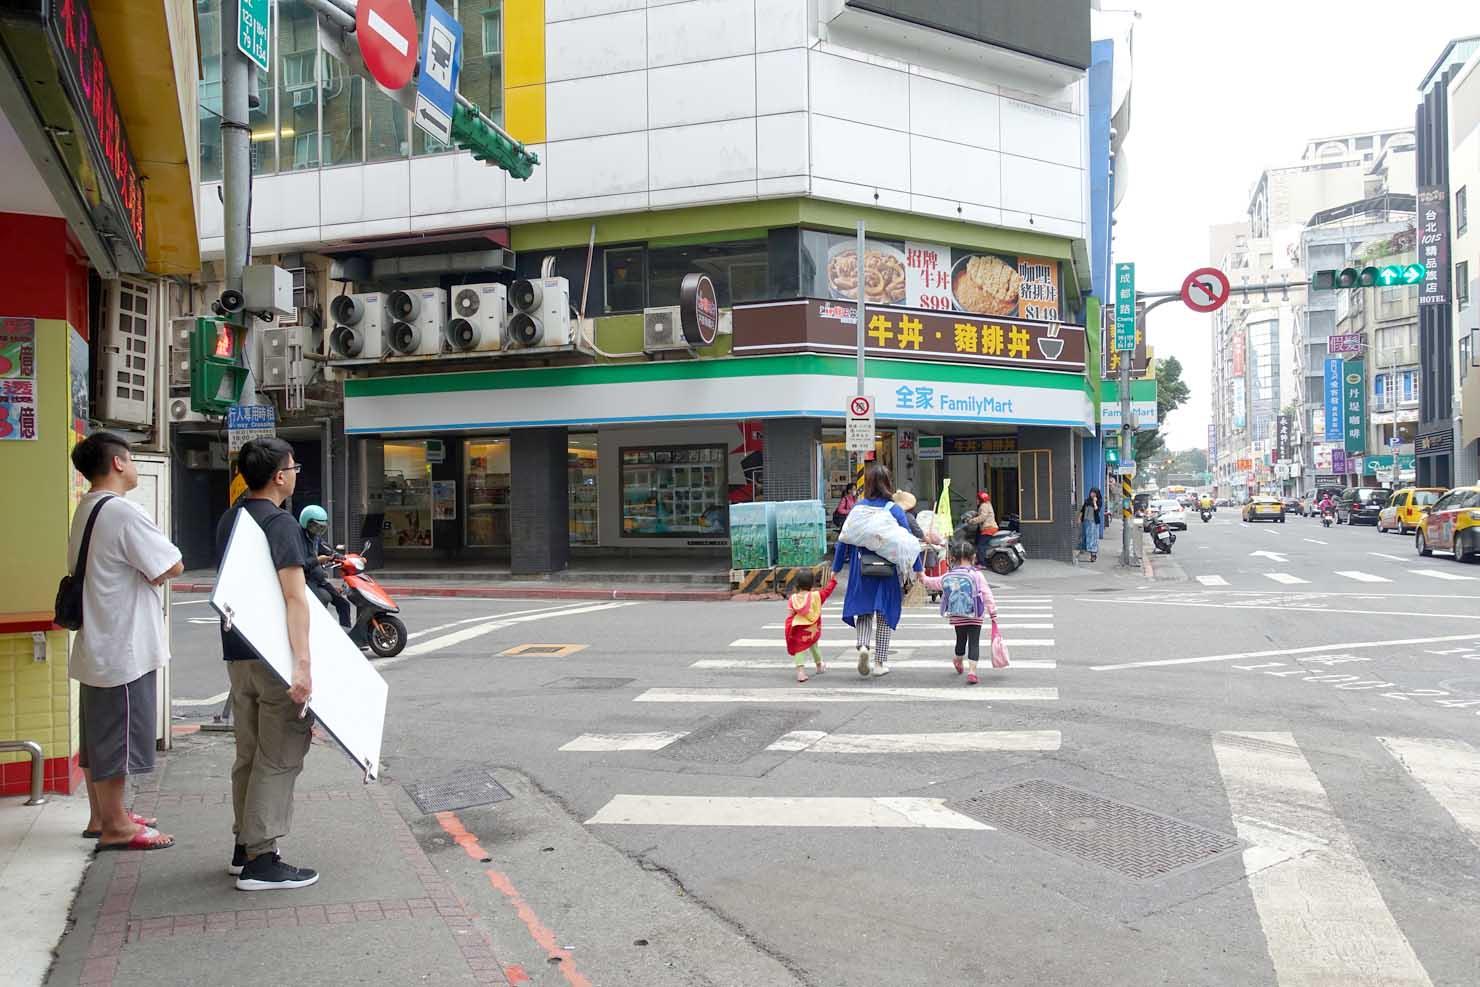 台北・西門町「成都昆明路口」の交差点